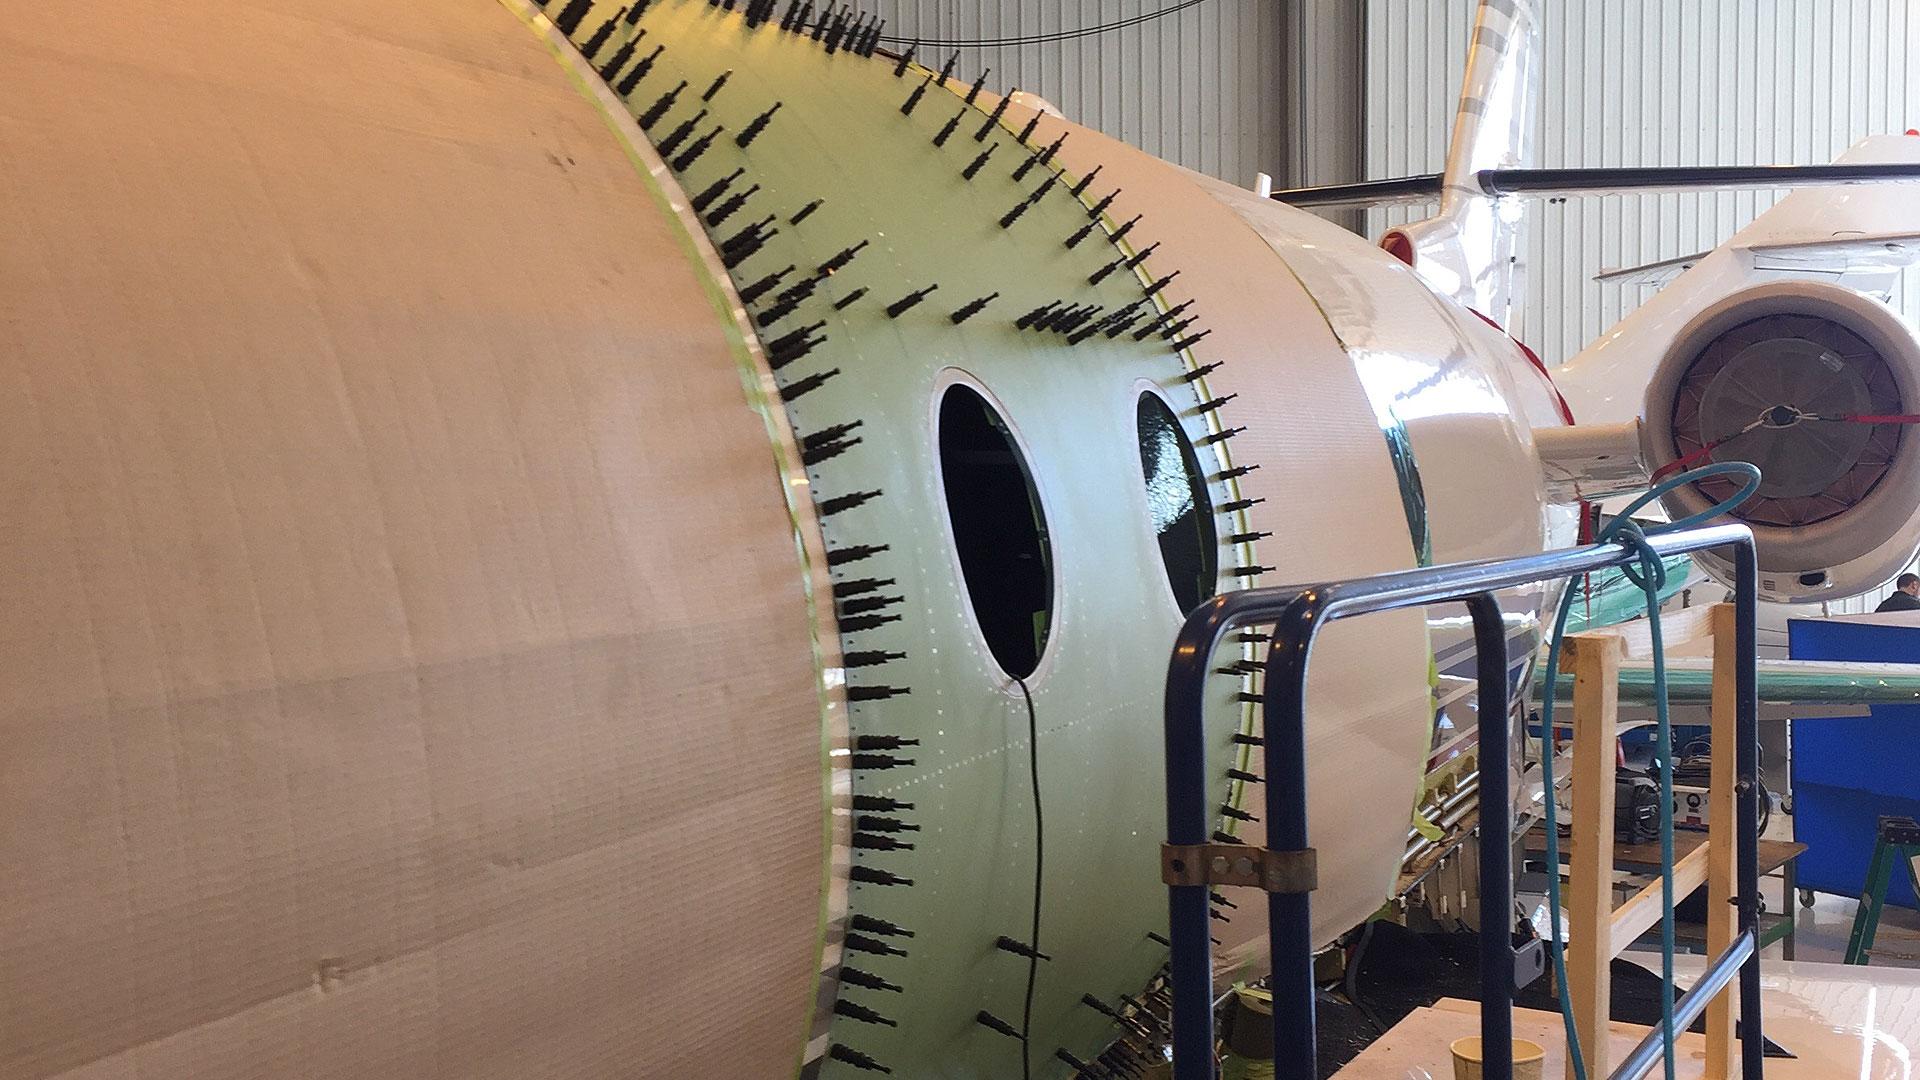 Gulfstream G200 Major Repair